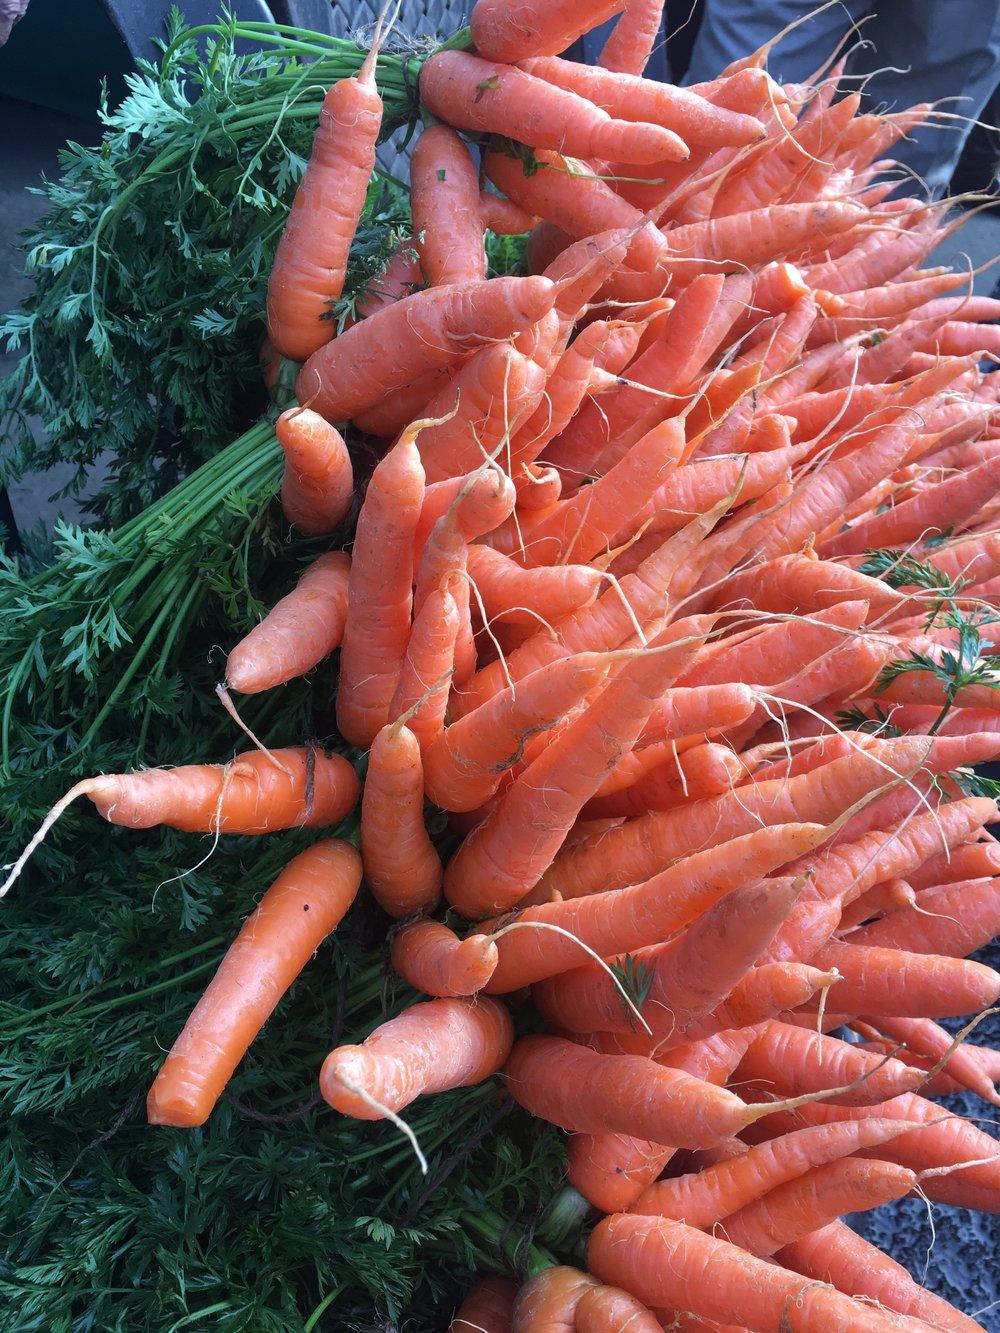 Beautiful Carrots